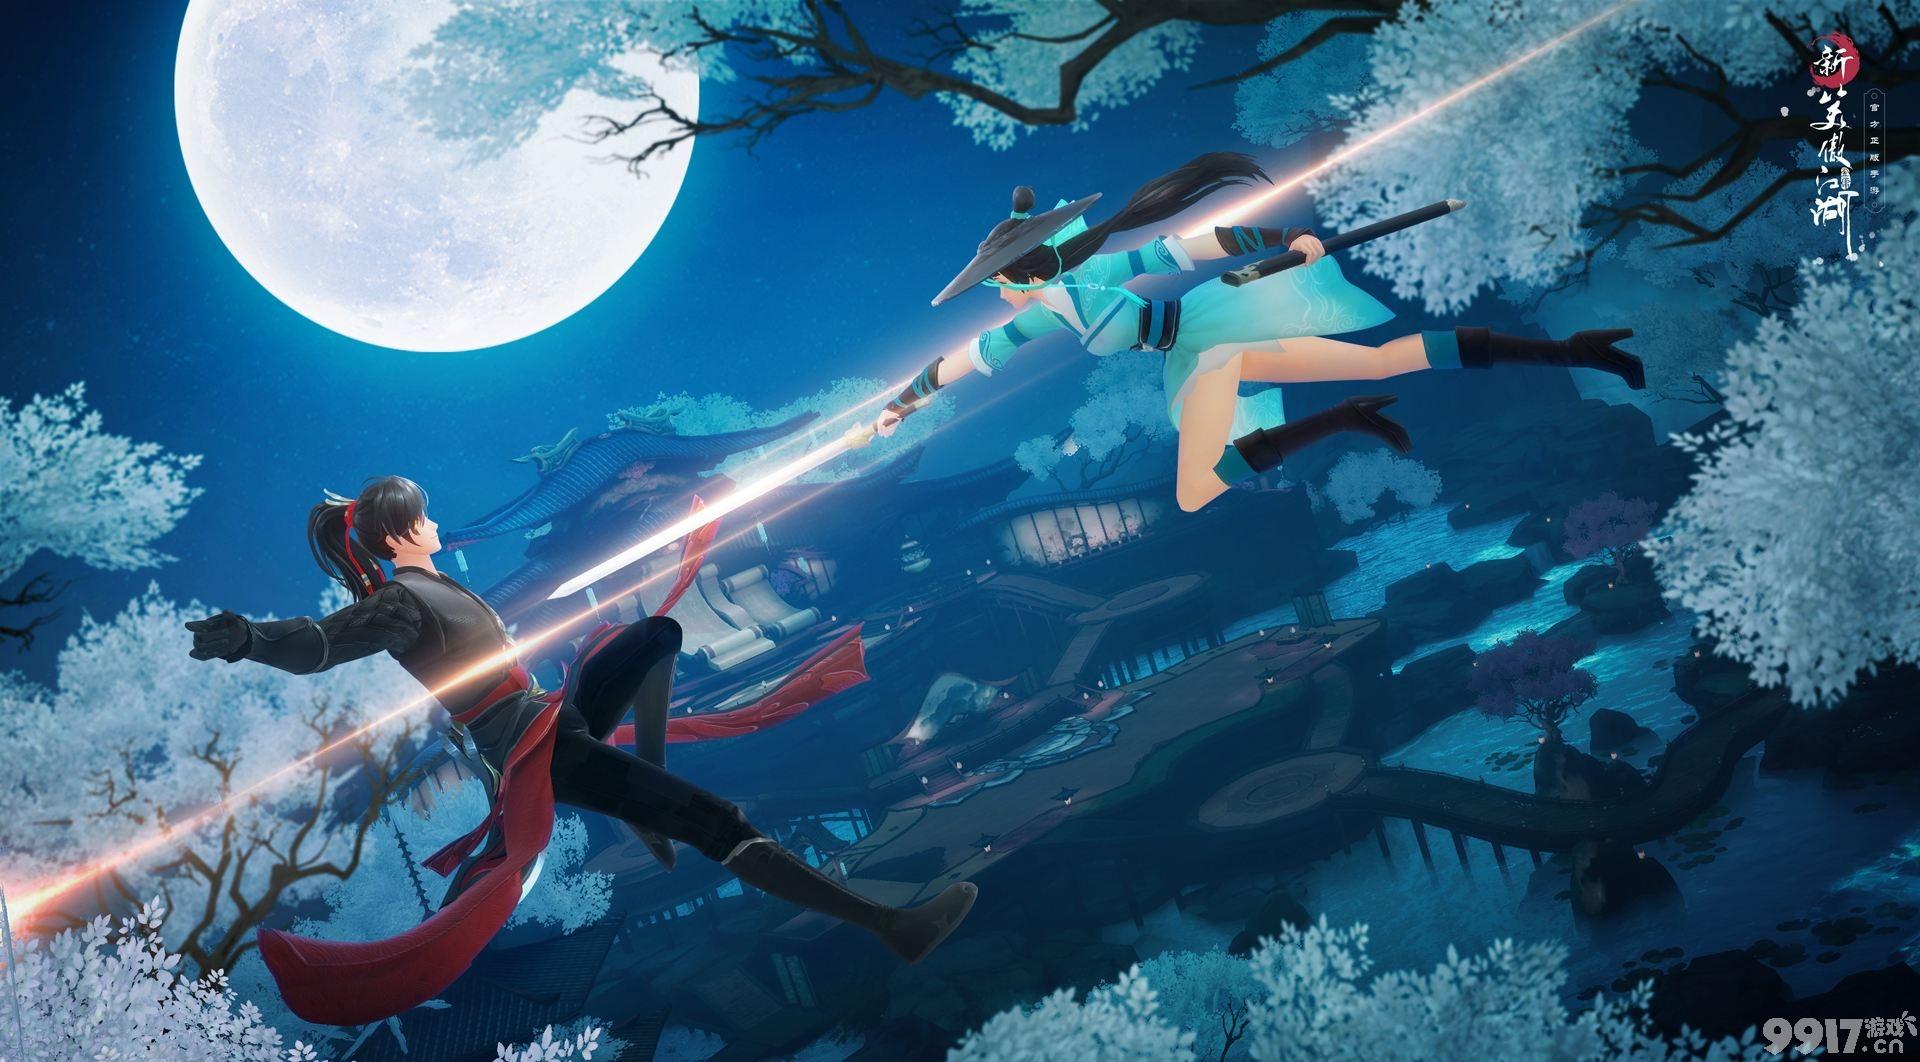 《新笑傲江湖》仗剑之道武圣之道打法技巧